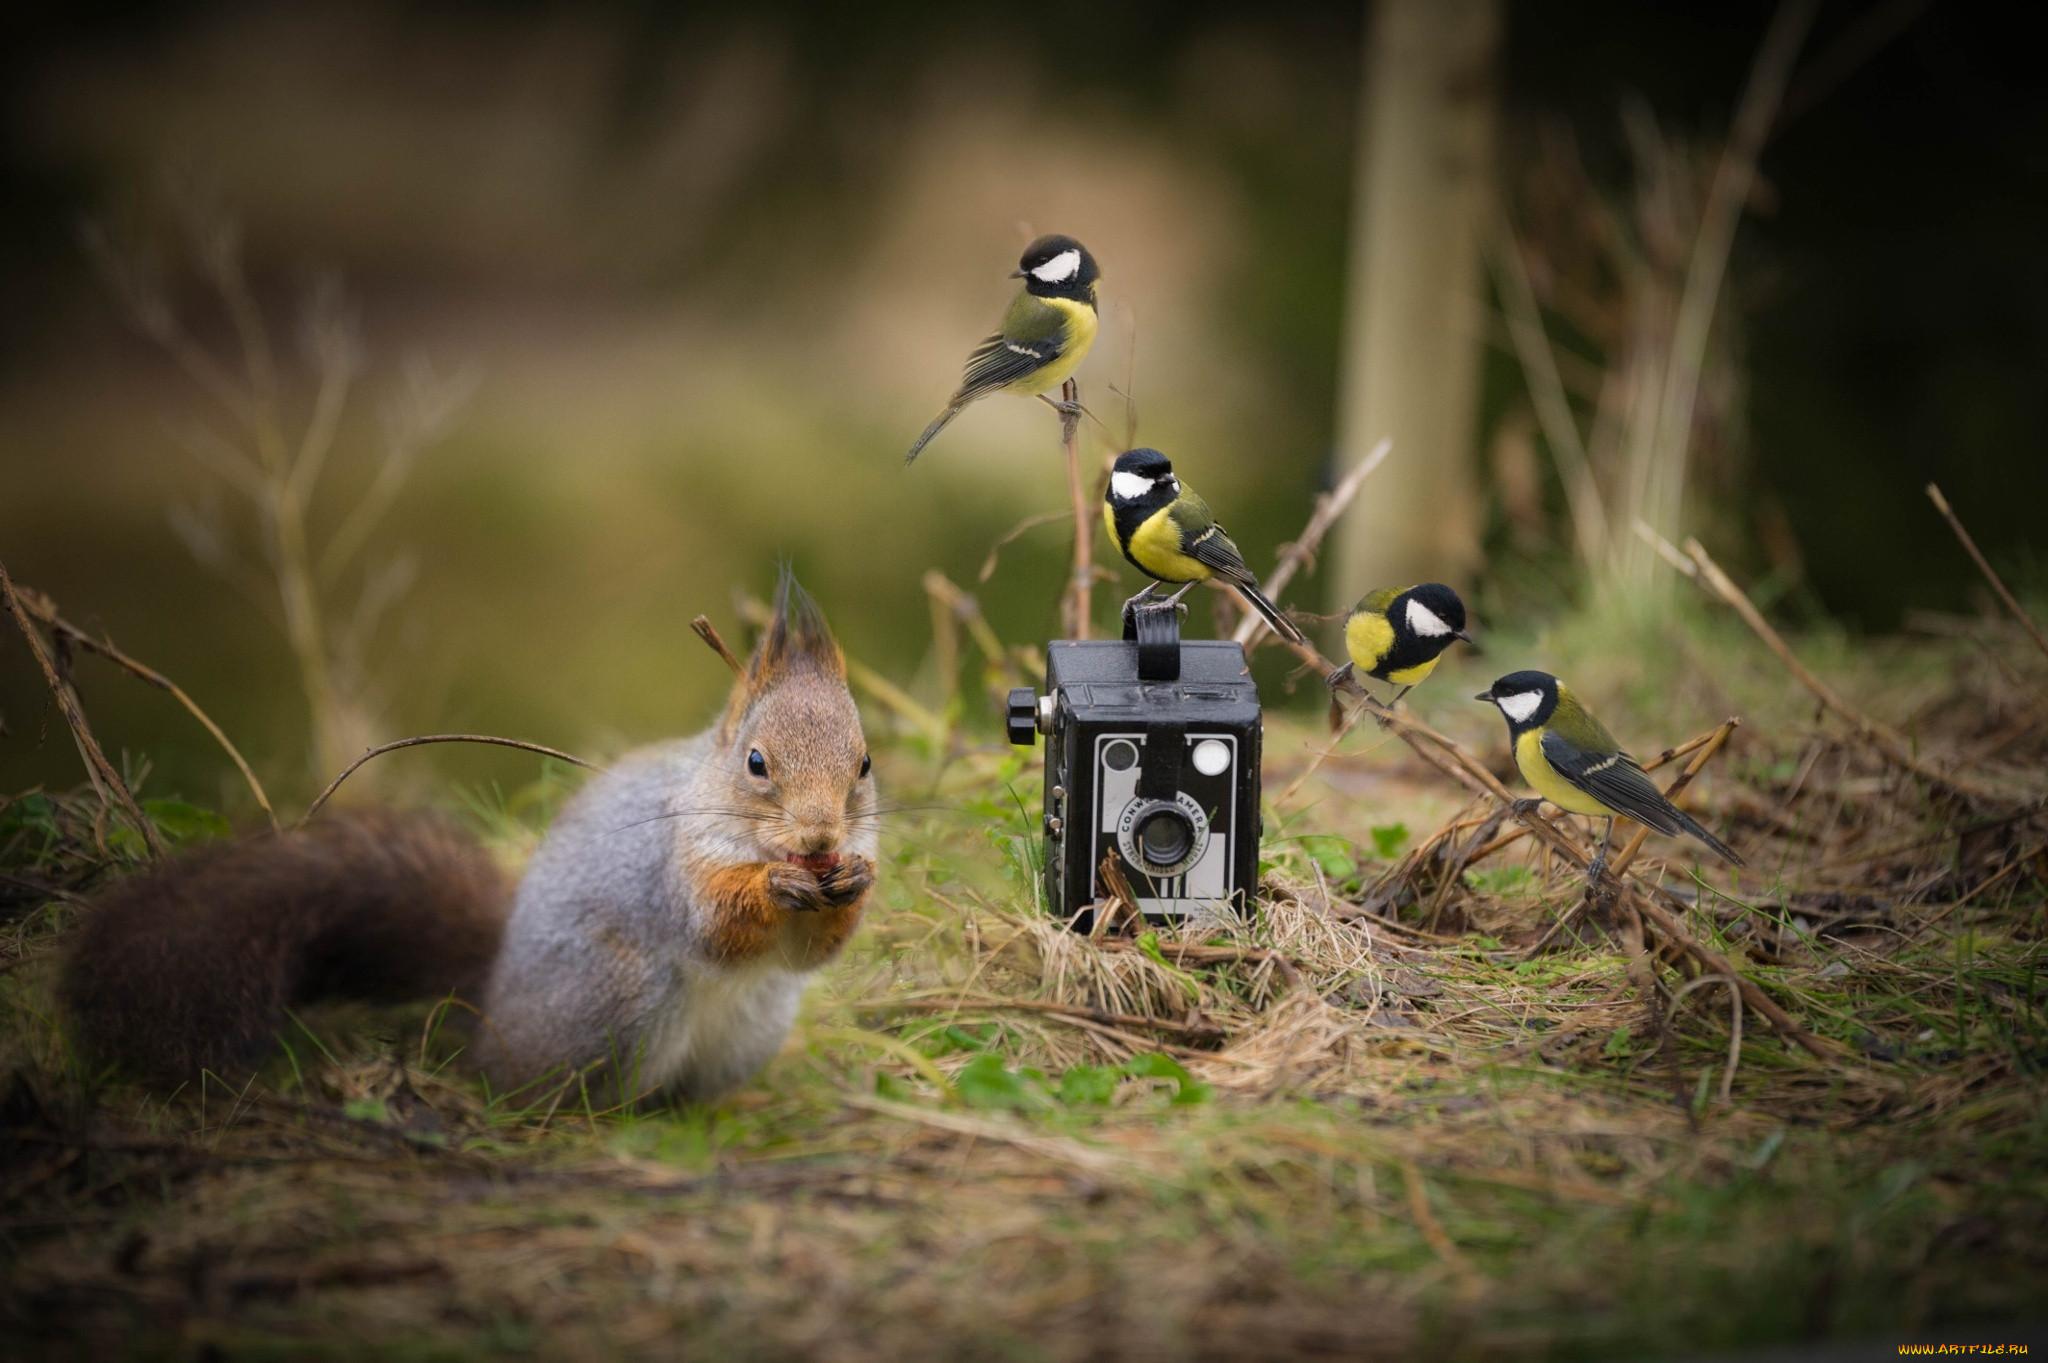 способов камера для фотографирования птичек просто